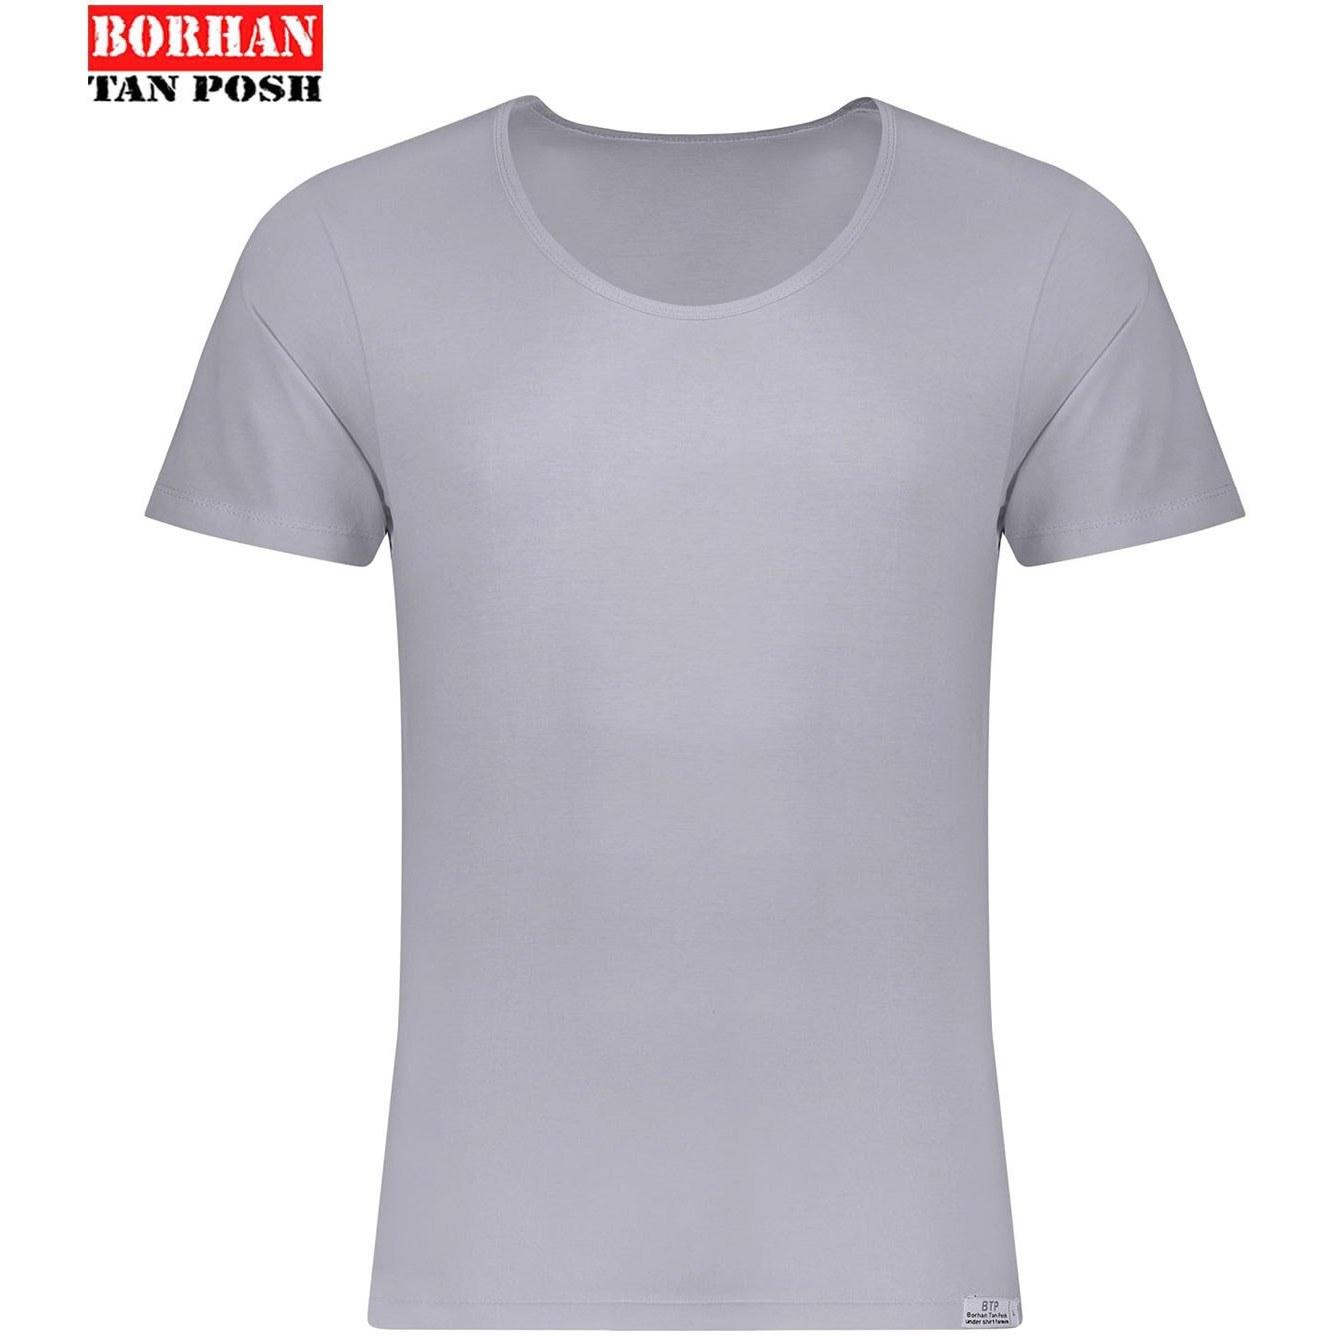 تصویر زیرپوش آستین دار مردانه برهان تن پوش مدل 1-02